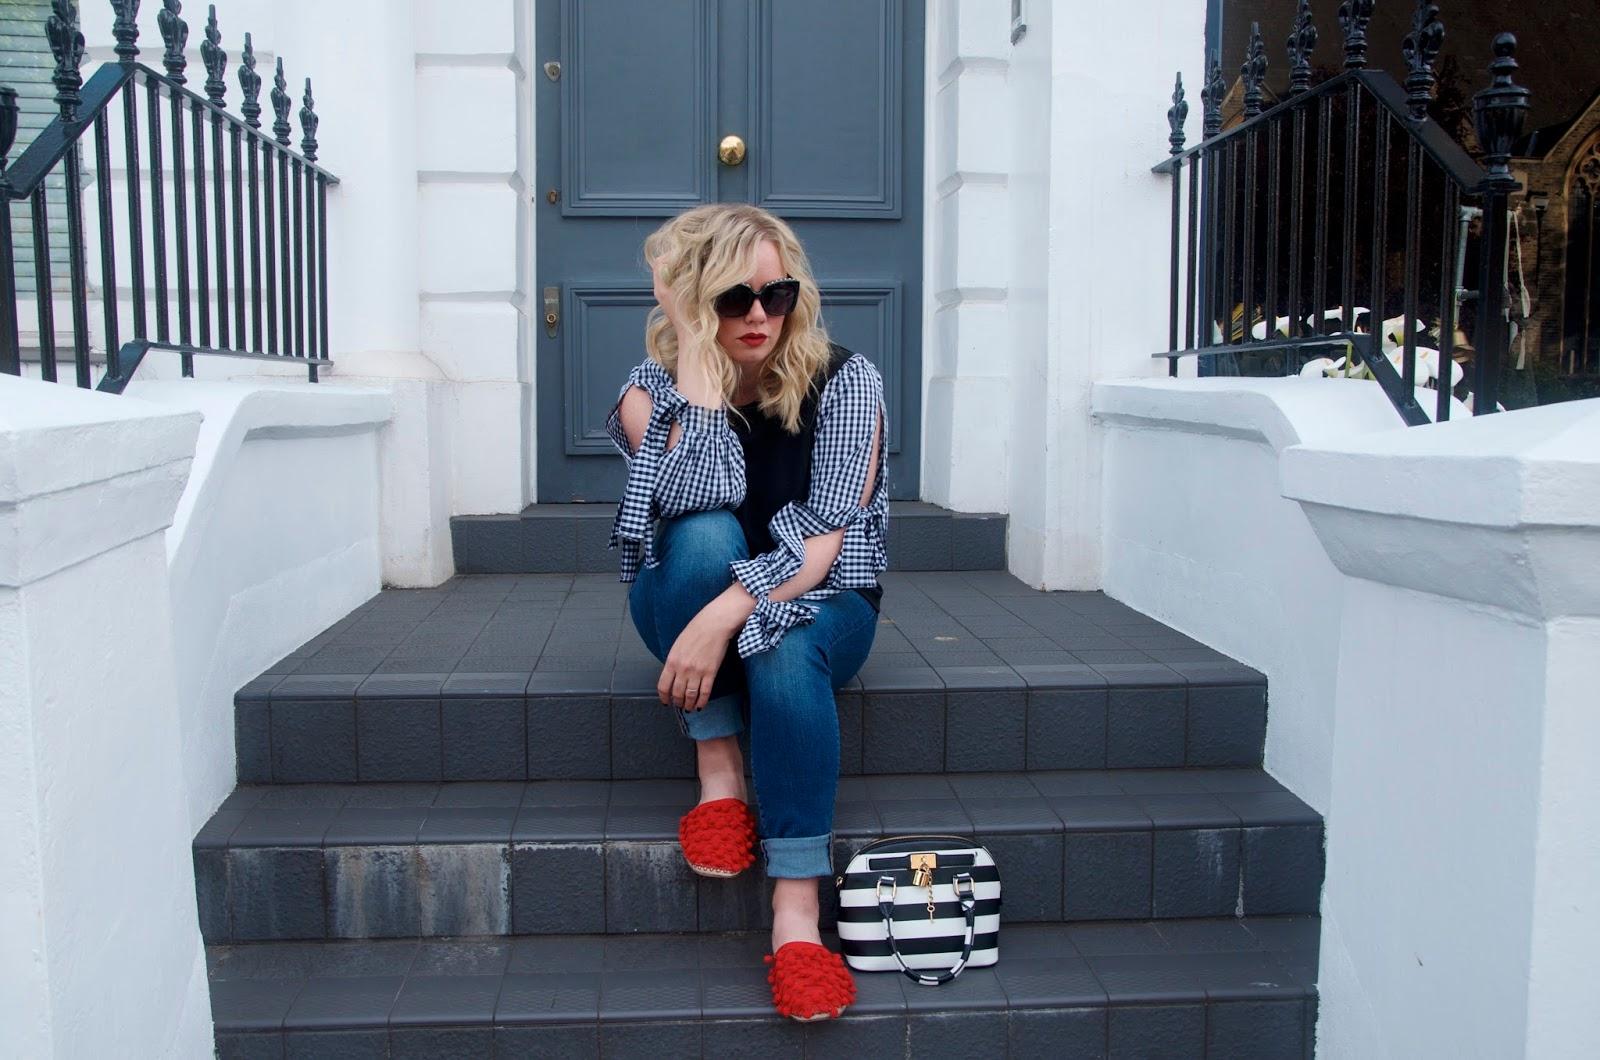 Red pom-pom shoes, gingham top, black sunglasses and denim